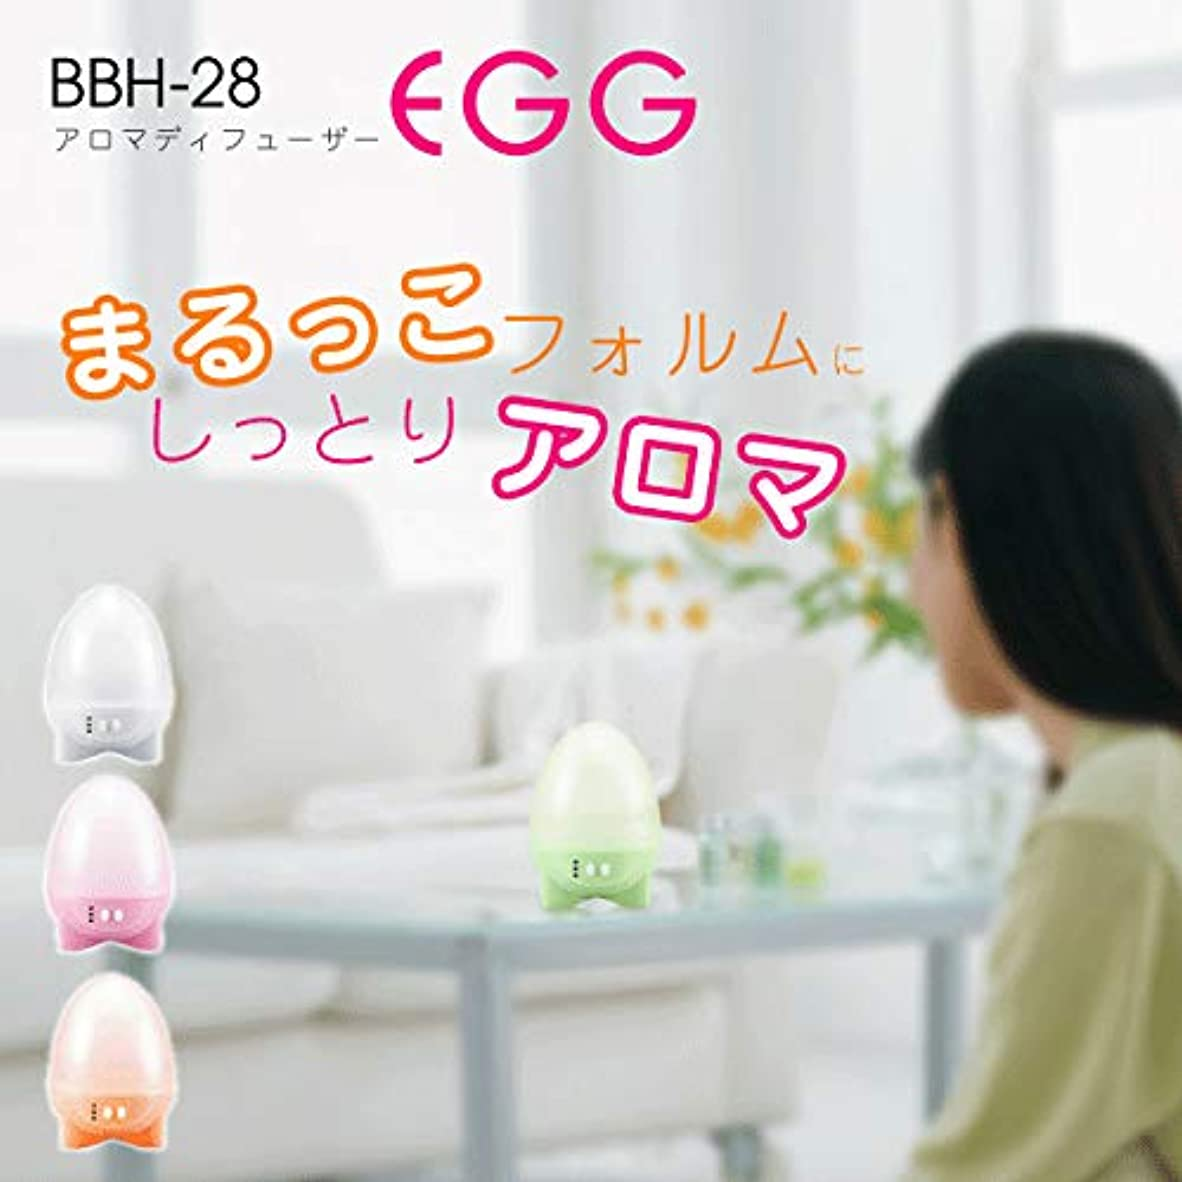 修正かわす処理するPRISMATE(プリズメイト)アロマディフューザー Egg BBH-28 [在庫有]